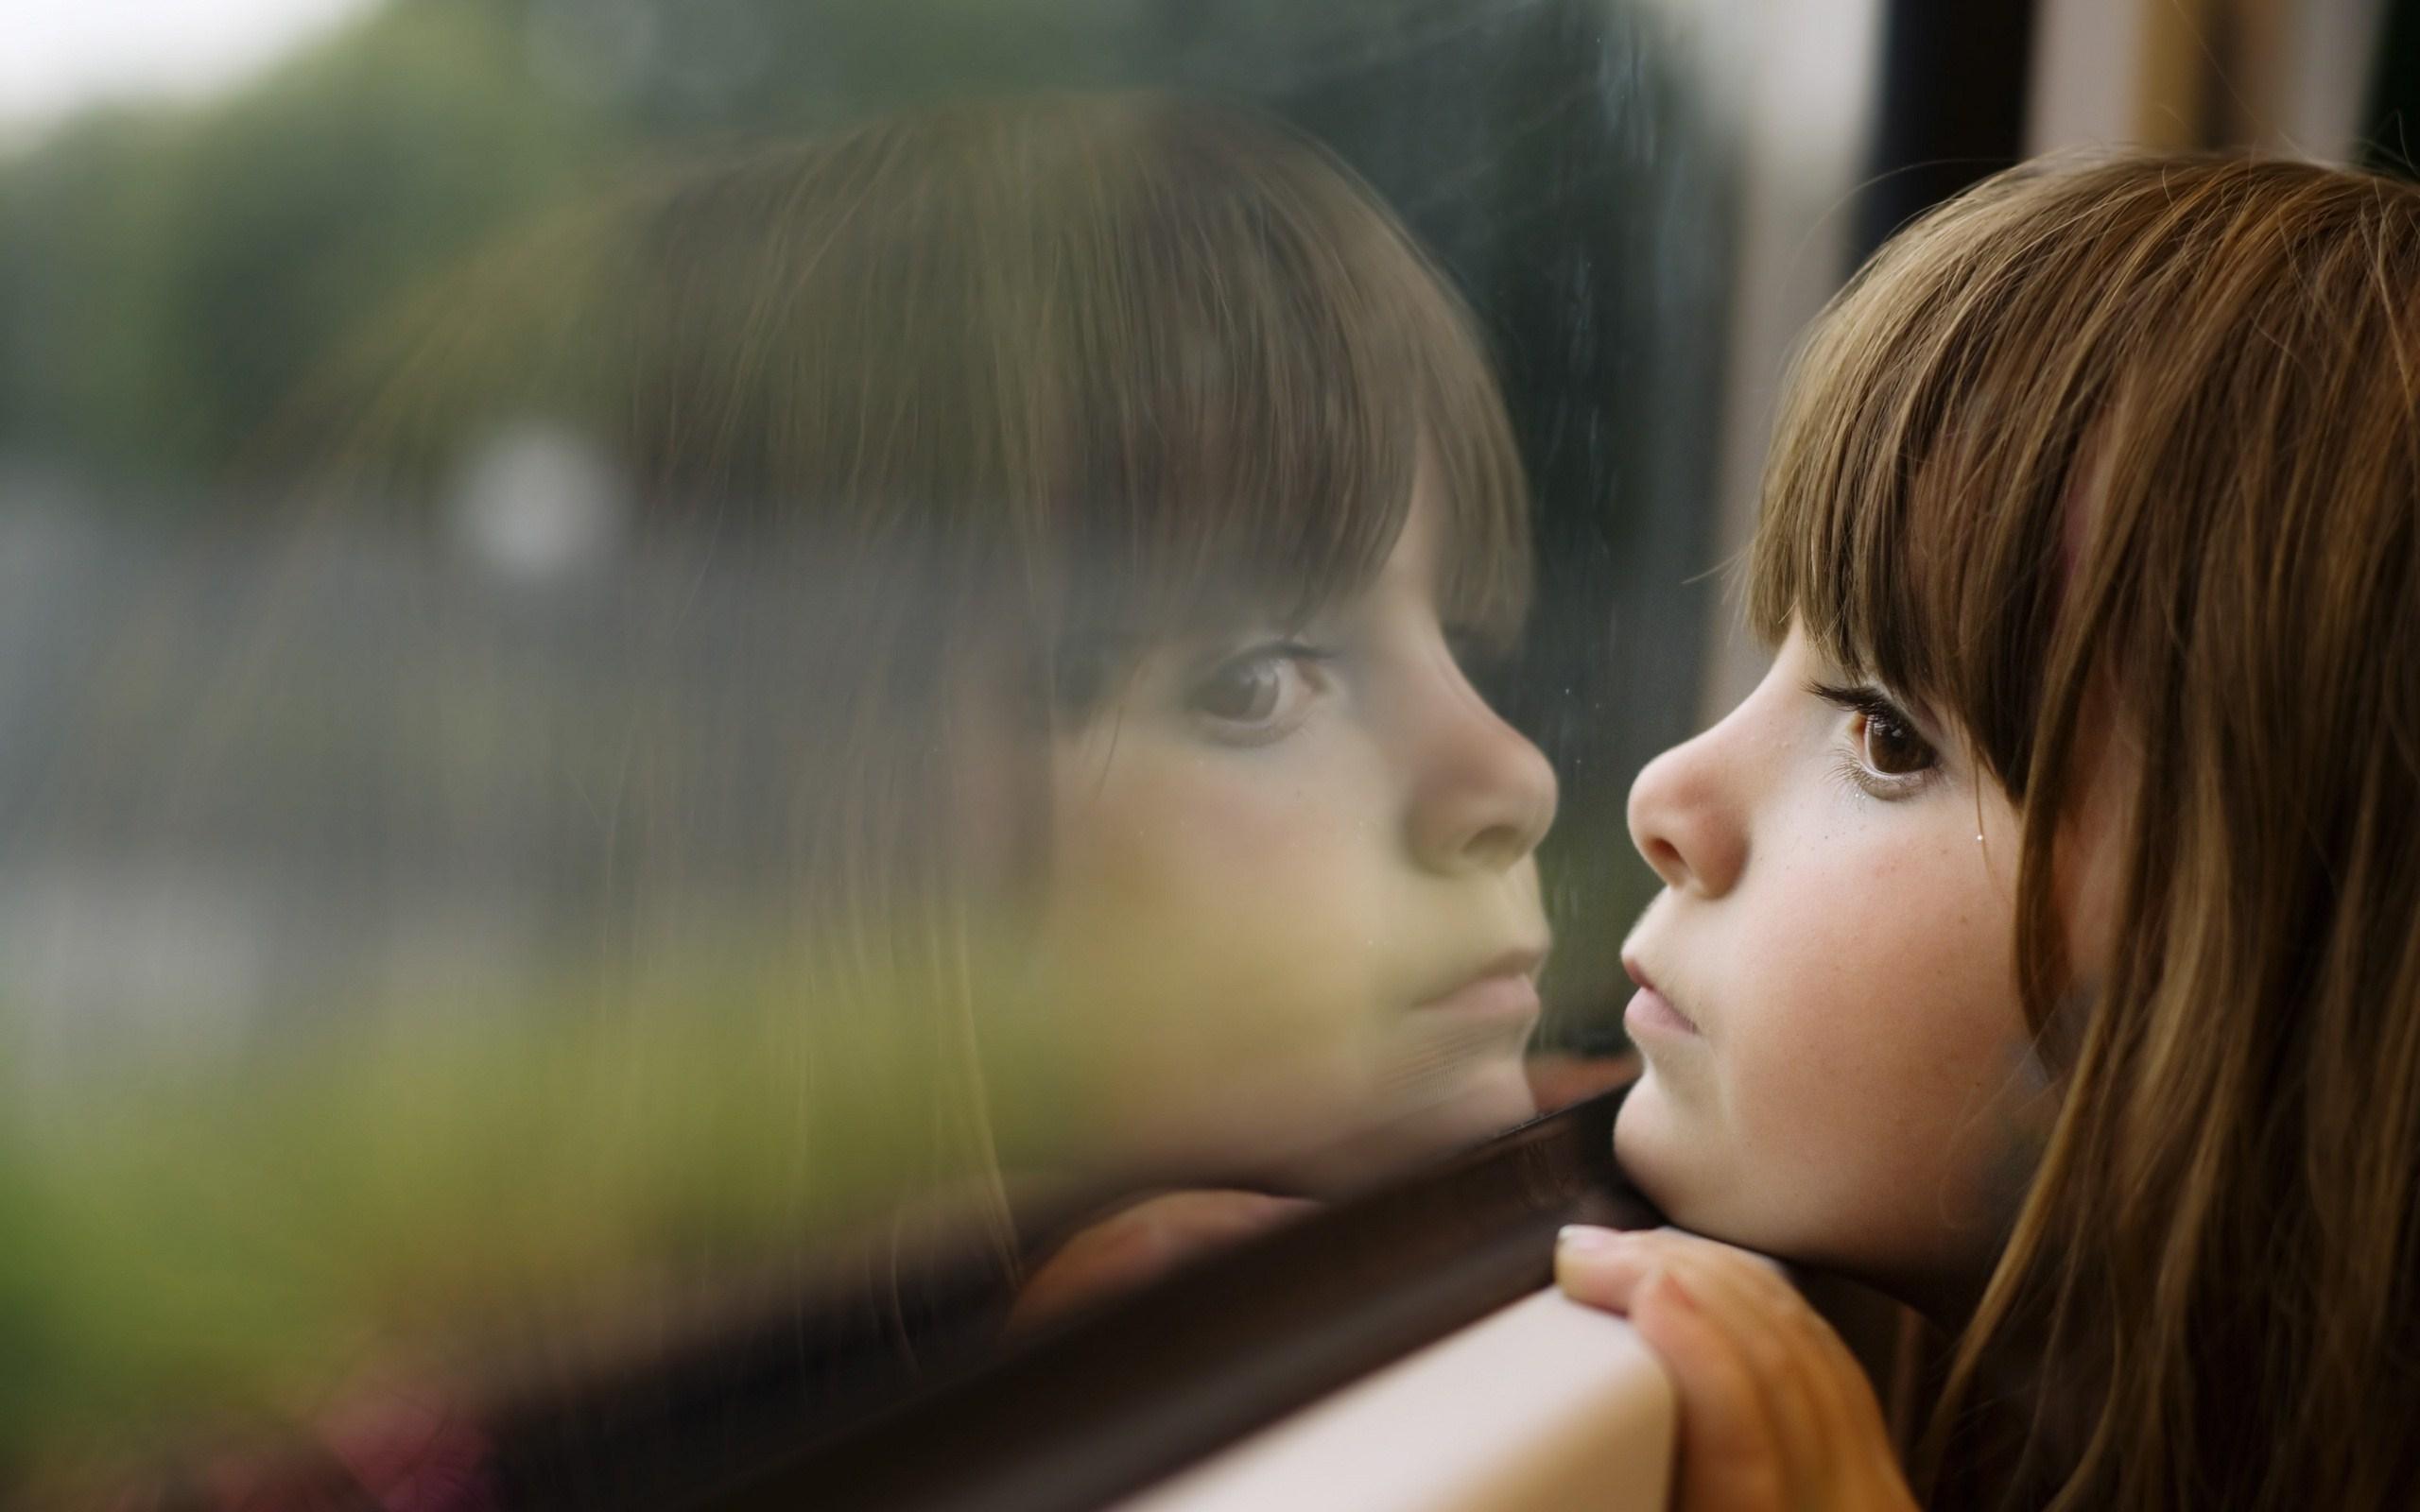 ´As crianças estão estressadas, exigem mais acolhimento emocional´